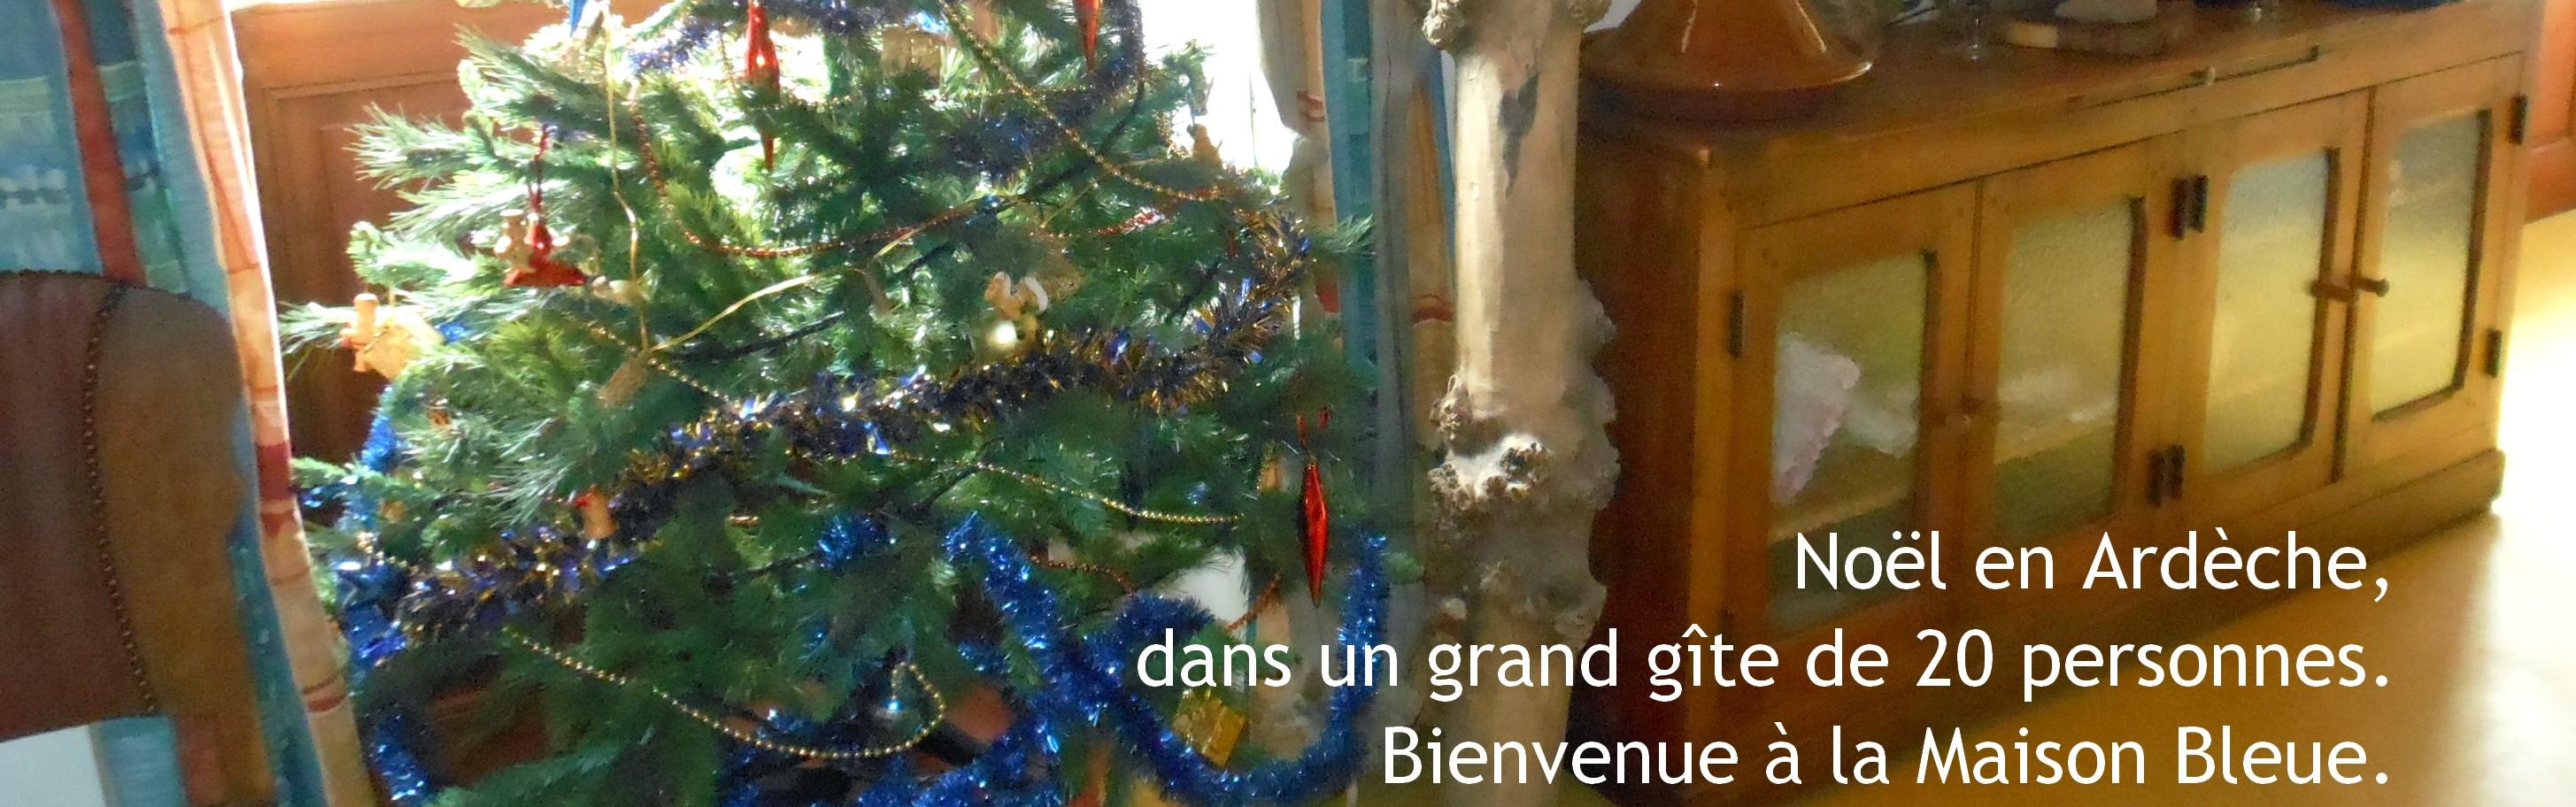 Location grand gite pour les vacances de Noël